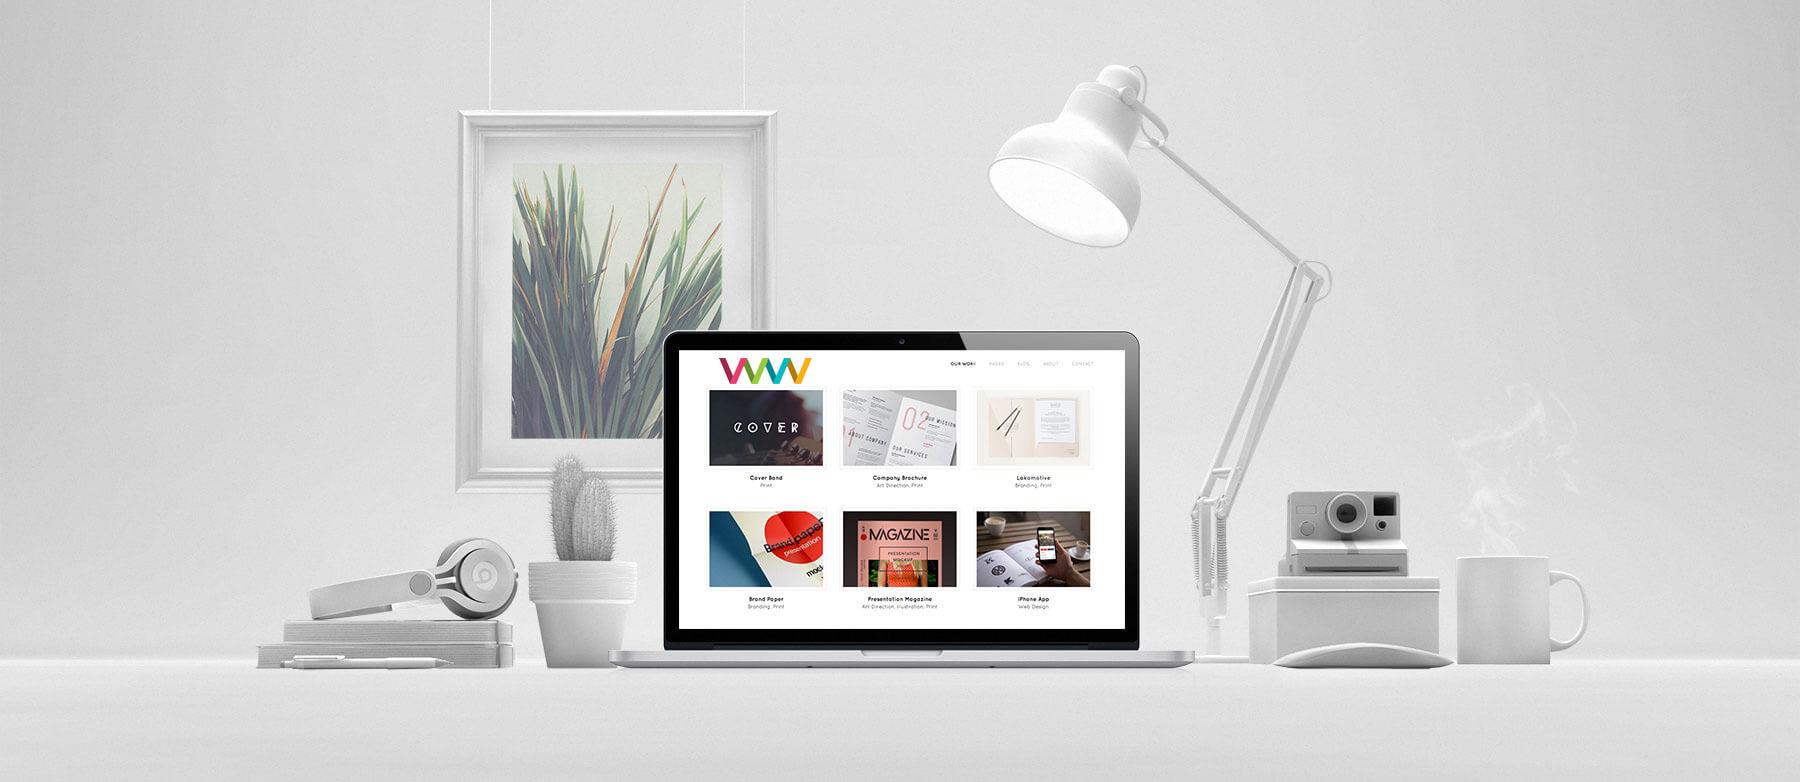 تصميم مواقع و انشاء مواقع الويب